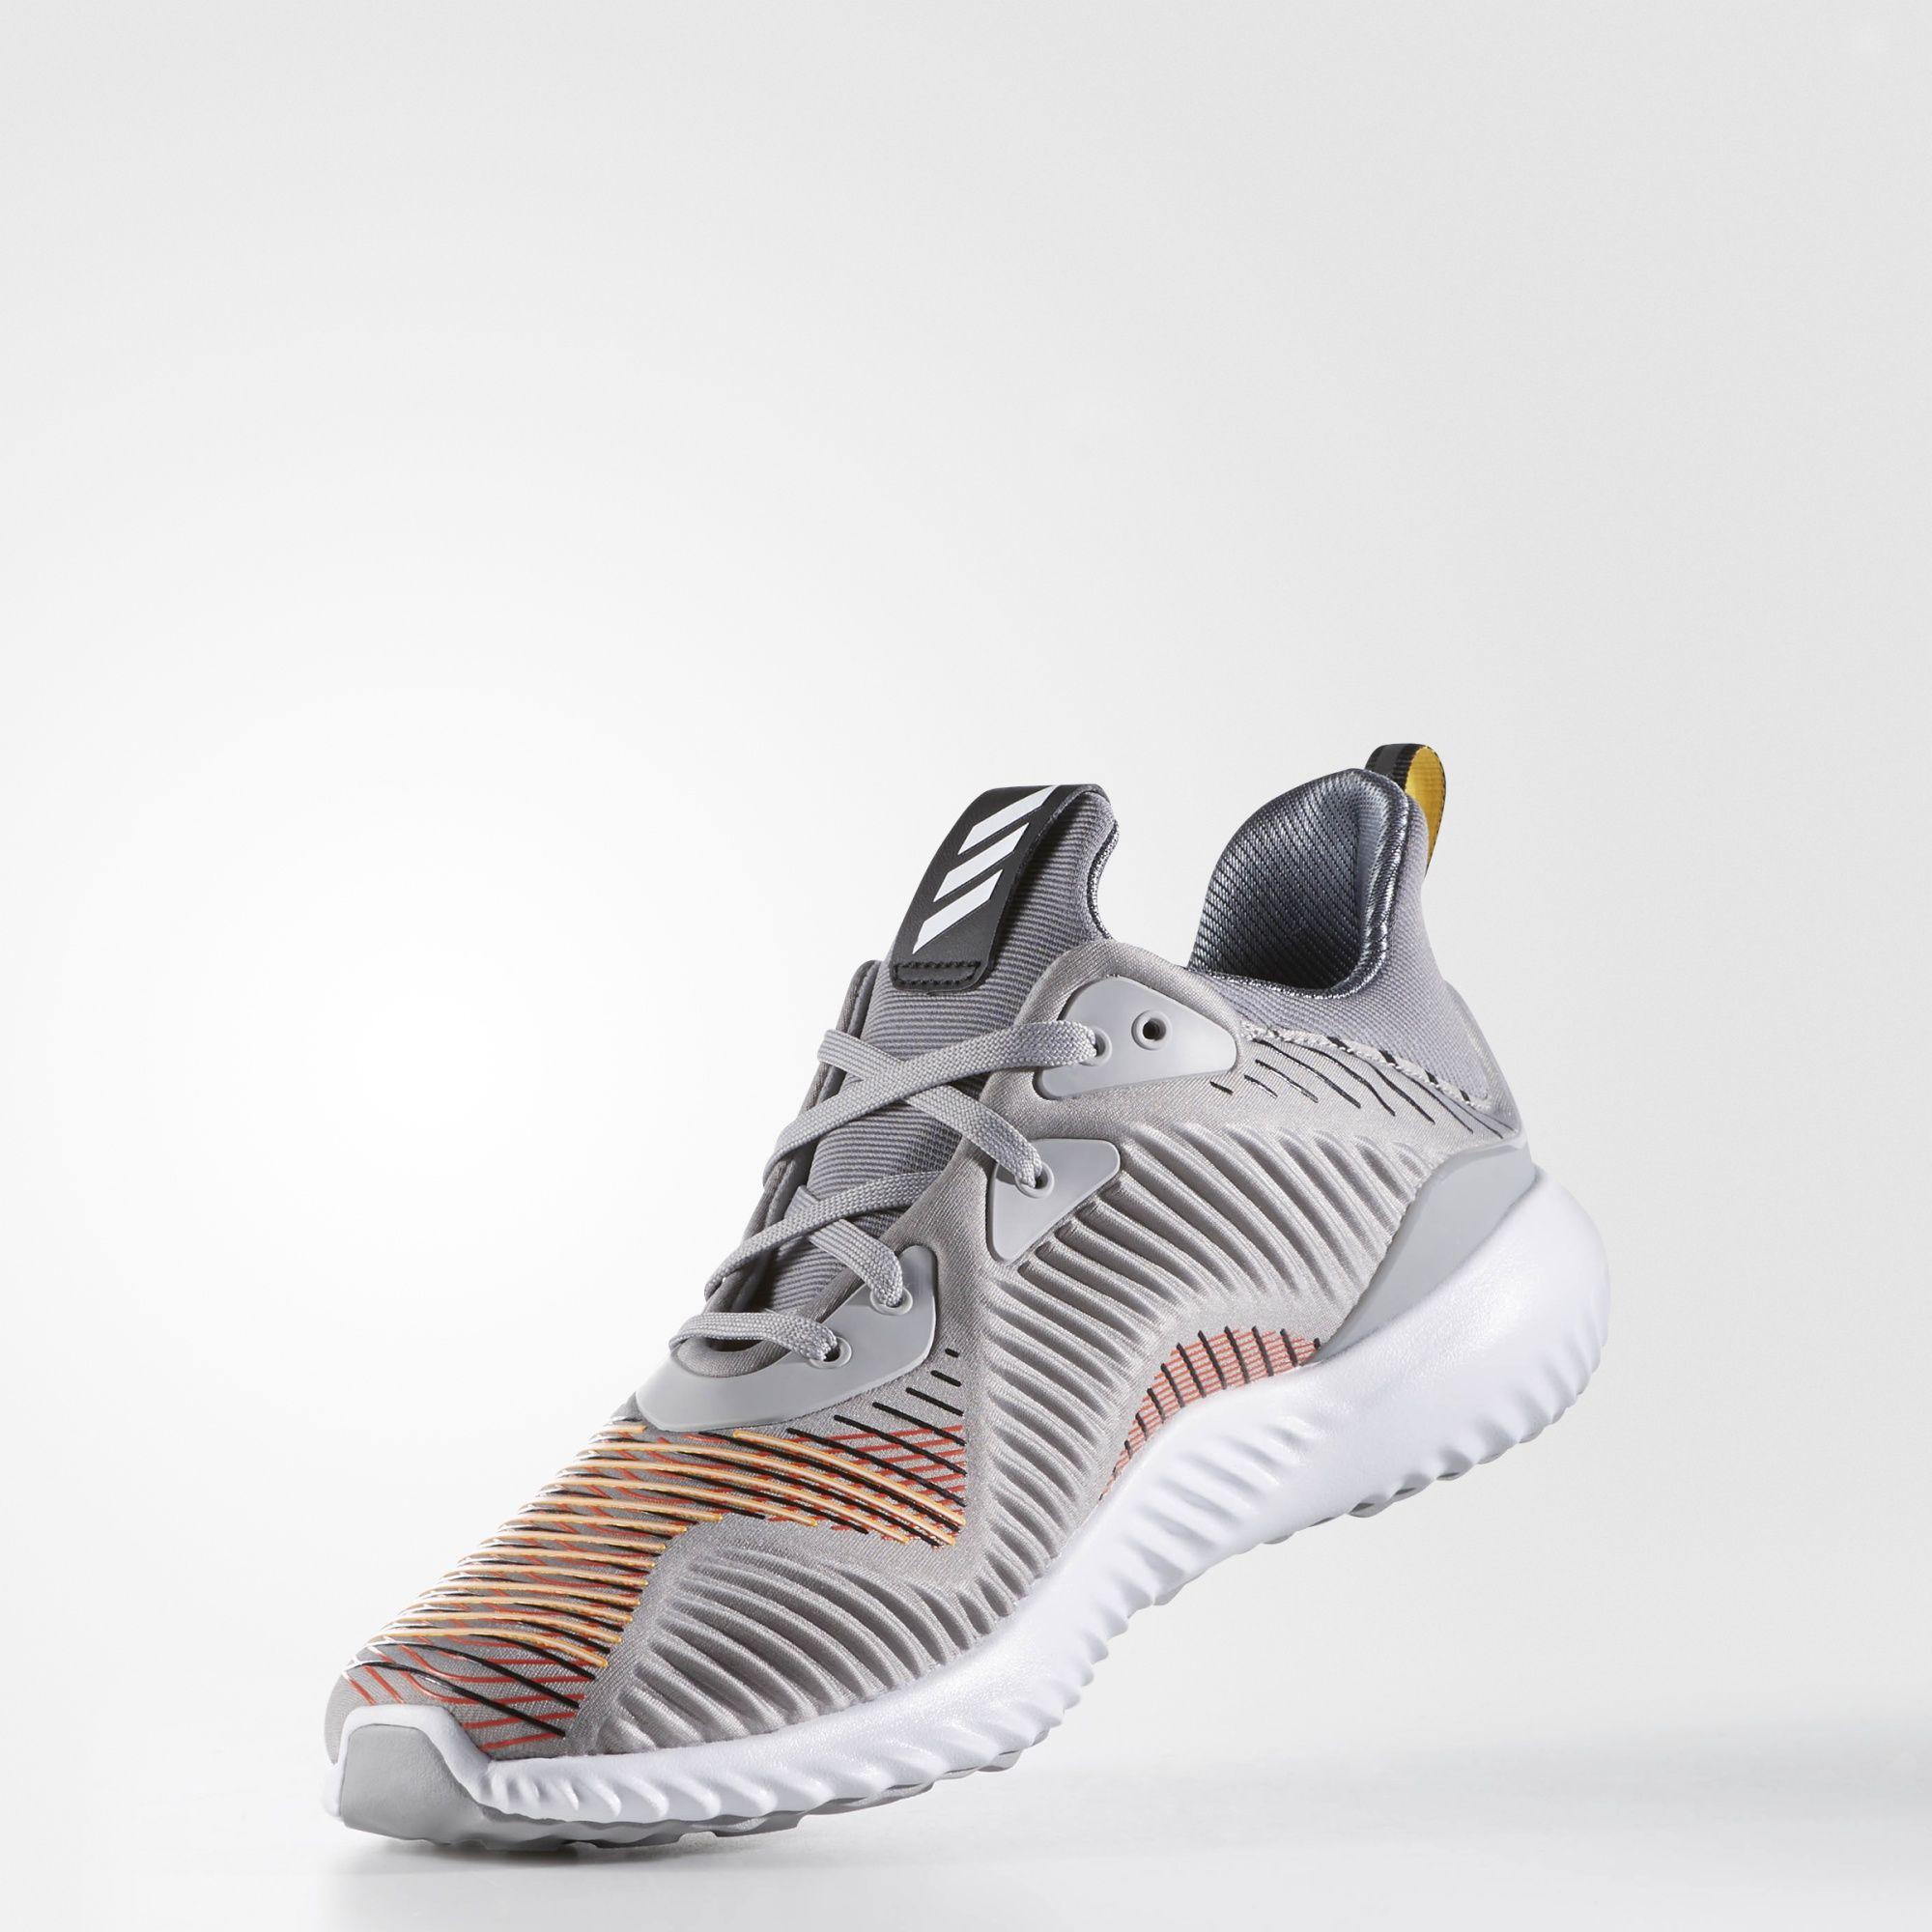 Adidas AlphaBounce HPC corriendo zapatos zapatillas de deporte zapatos para correr